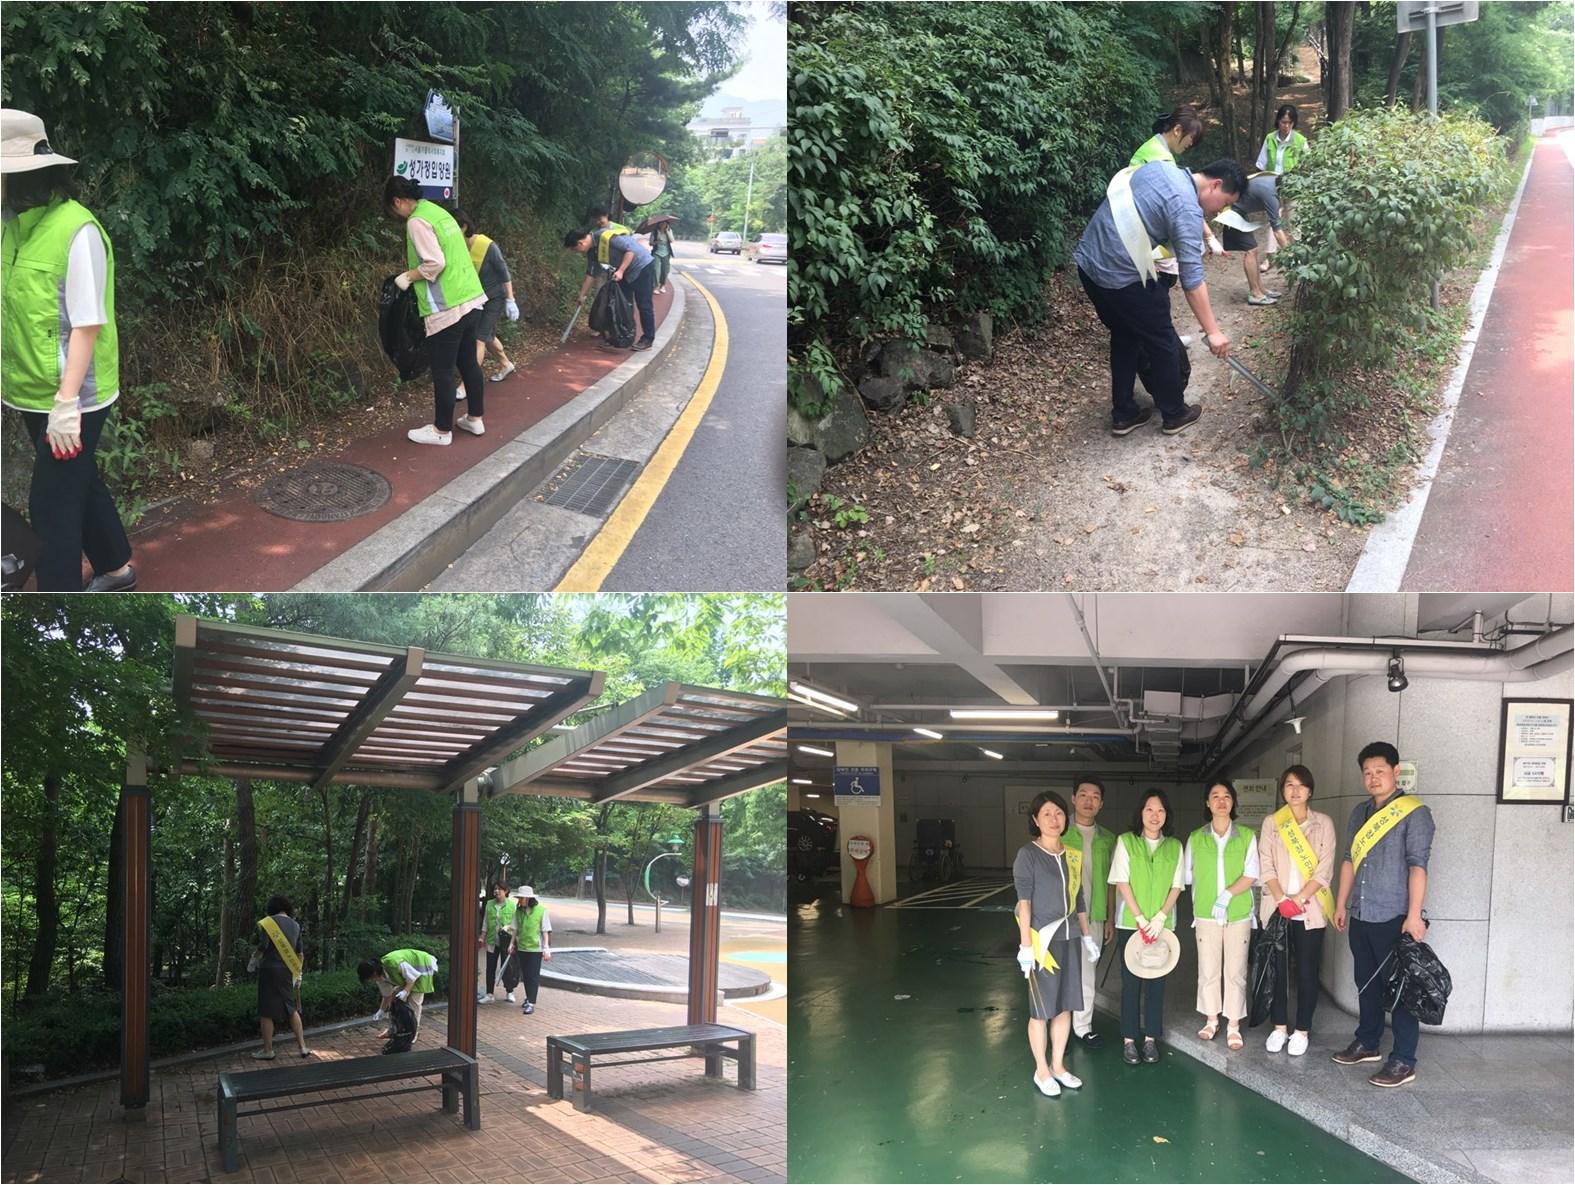 성북참병원에서는 지역사회 공헌을 위하여 Clean 북악 스카이웨이를 진행 하고 있습니다.